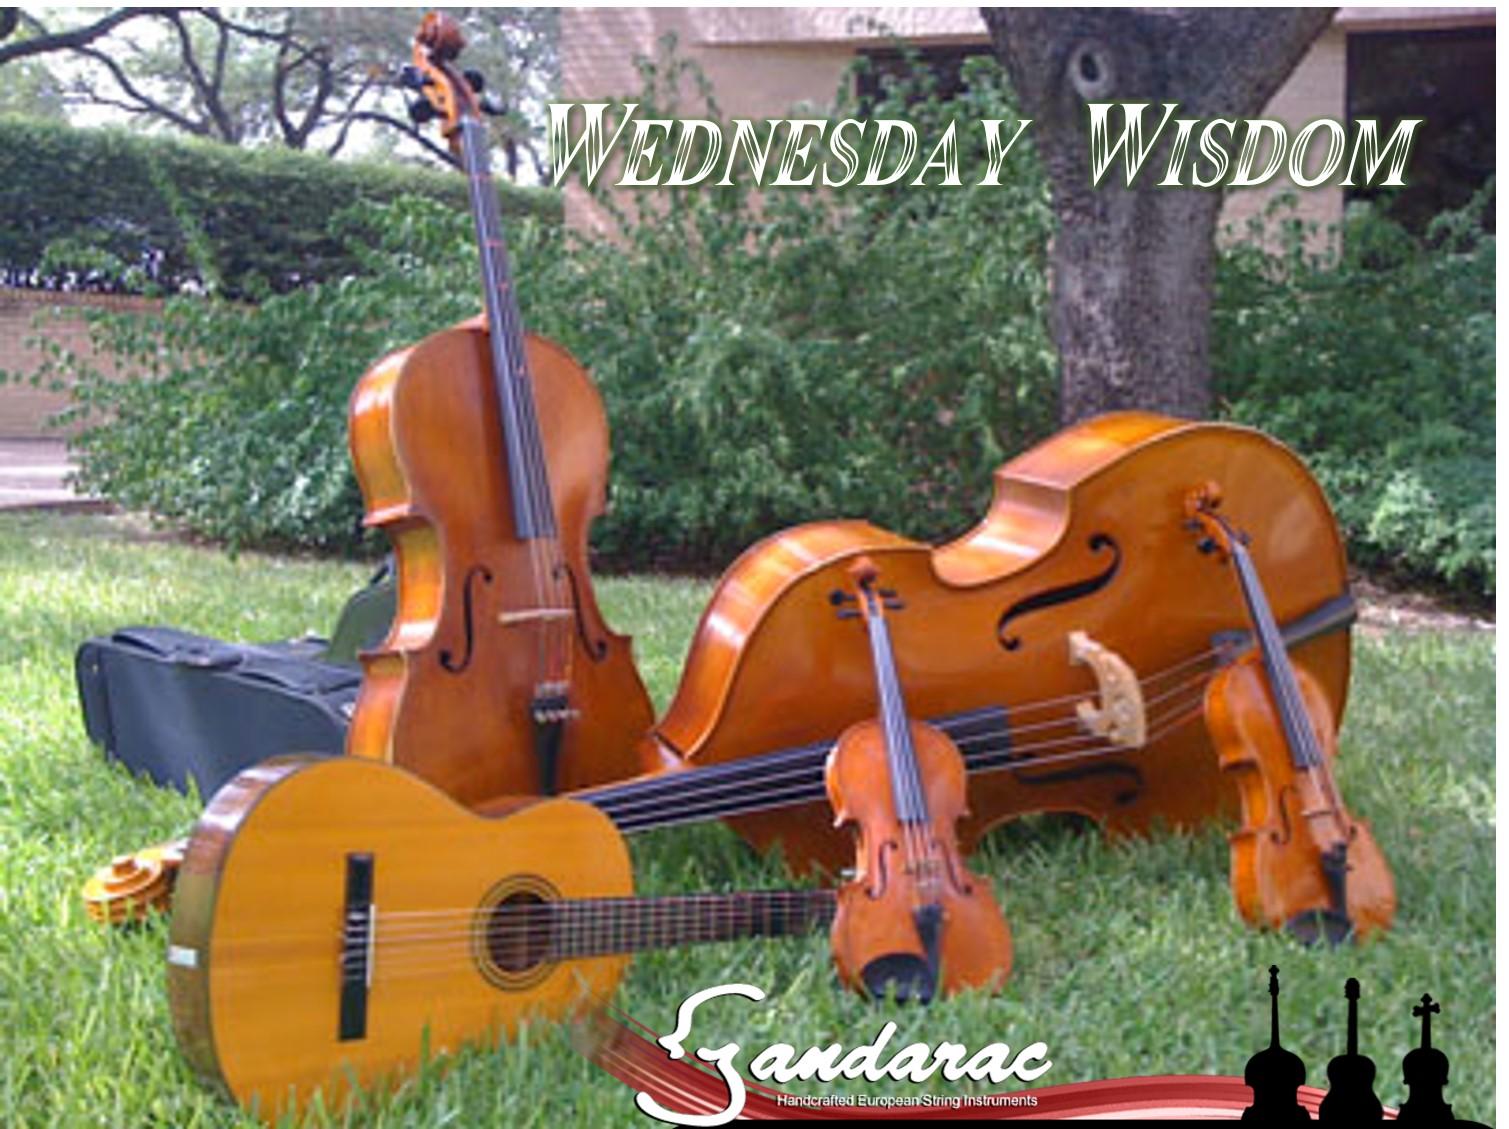 09-wednesday-wisdom